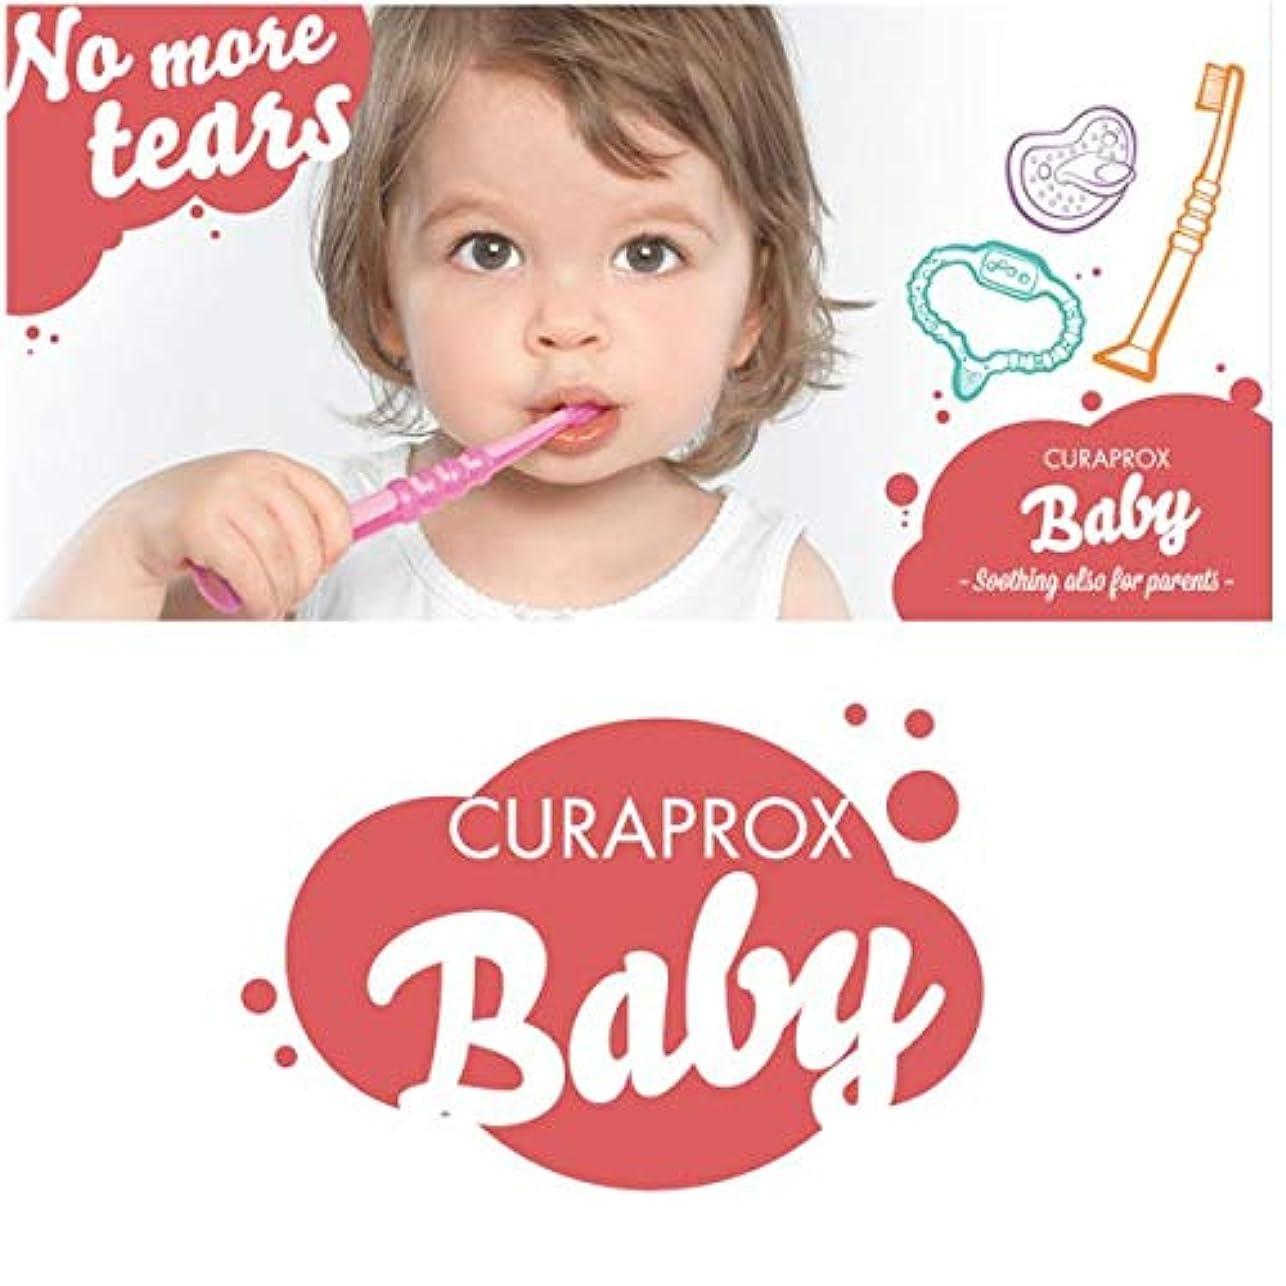 望み遺産有能なクラプロックス ベビー用歯ブラシ ピンク ツインパック